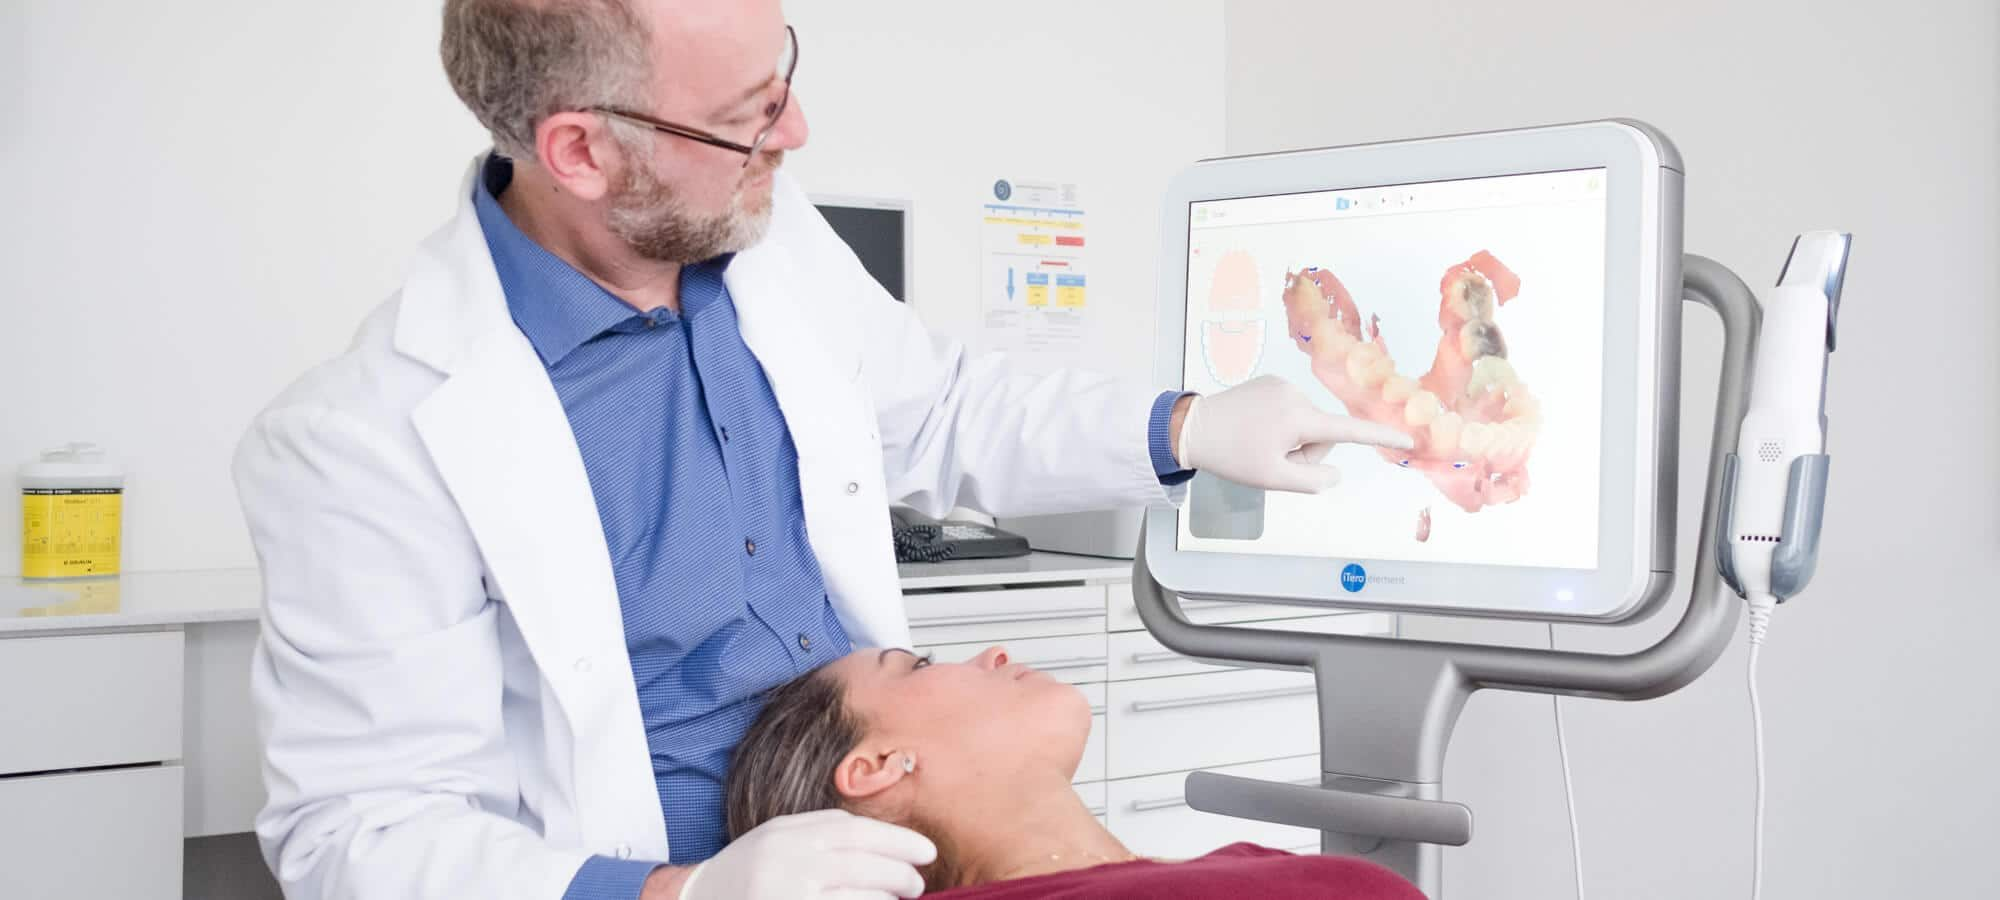 Dysgnathie Behandlung Dr. Dr. Groisman | groisman & laube